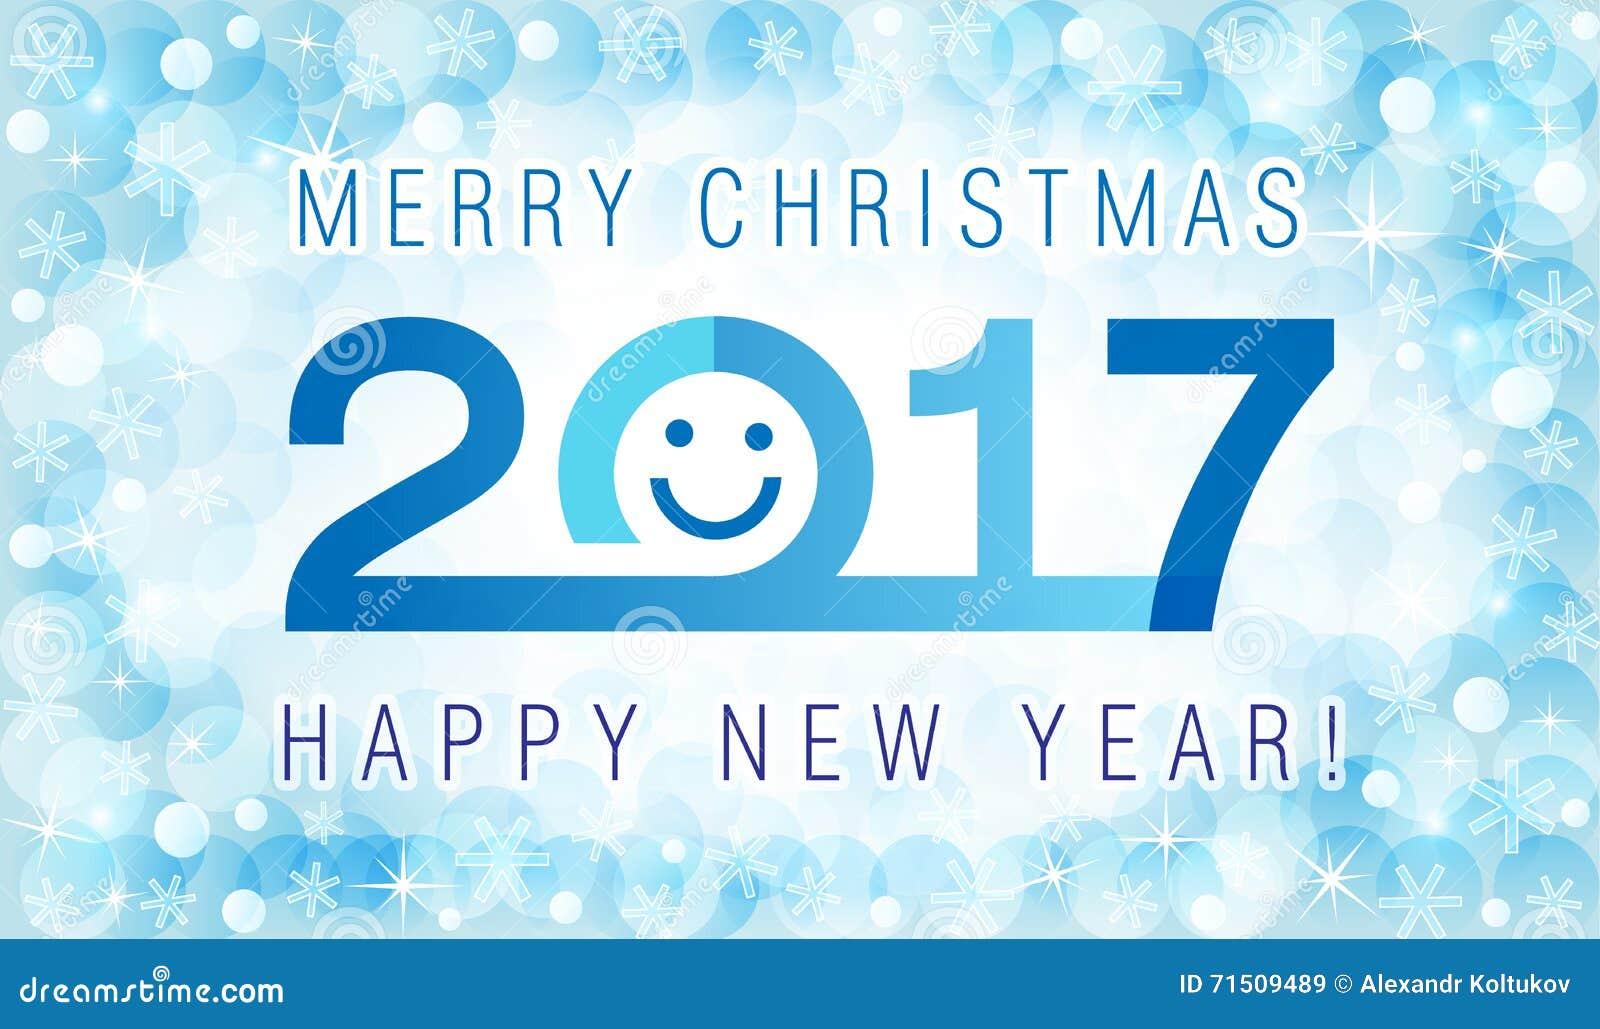 tarjeta-de-cara-sonriente-de-la-feliz-navidad-y-de-la-feliz-ao-nuevo ...